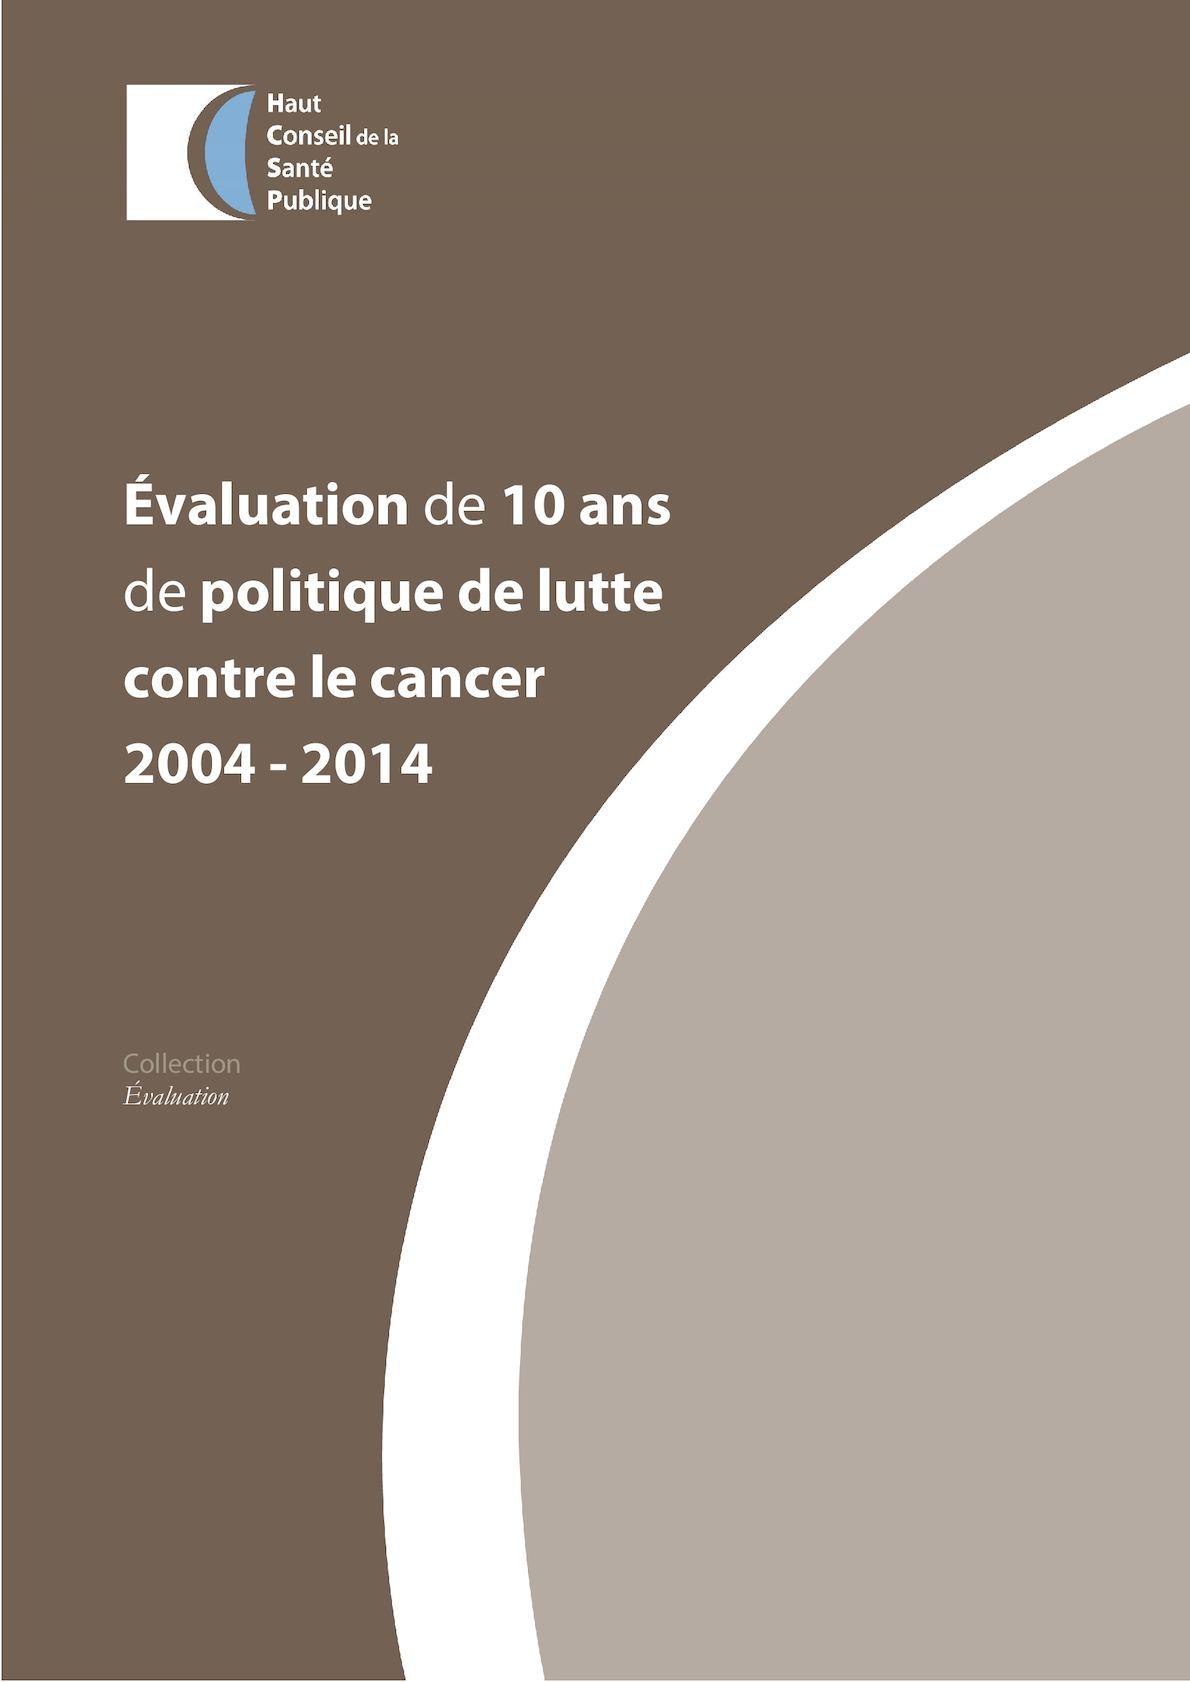 ff0863b6063383 Calaméo - 2016 04 Evaluation 10 Ans Politique Lutte Contre Cancer 2004 2014  Hcsp